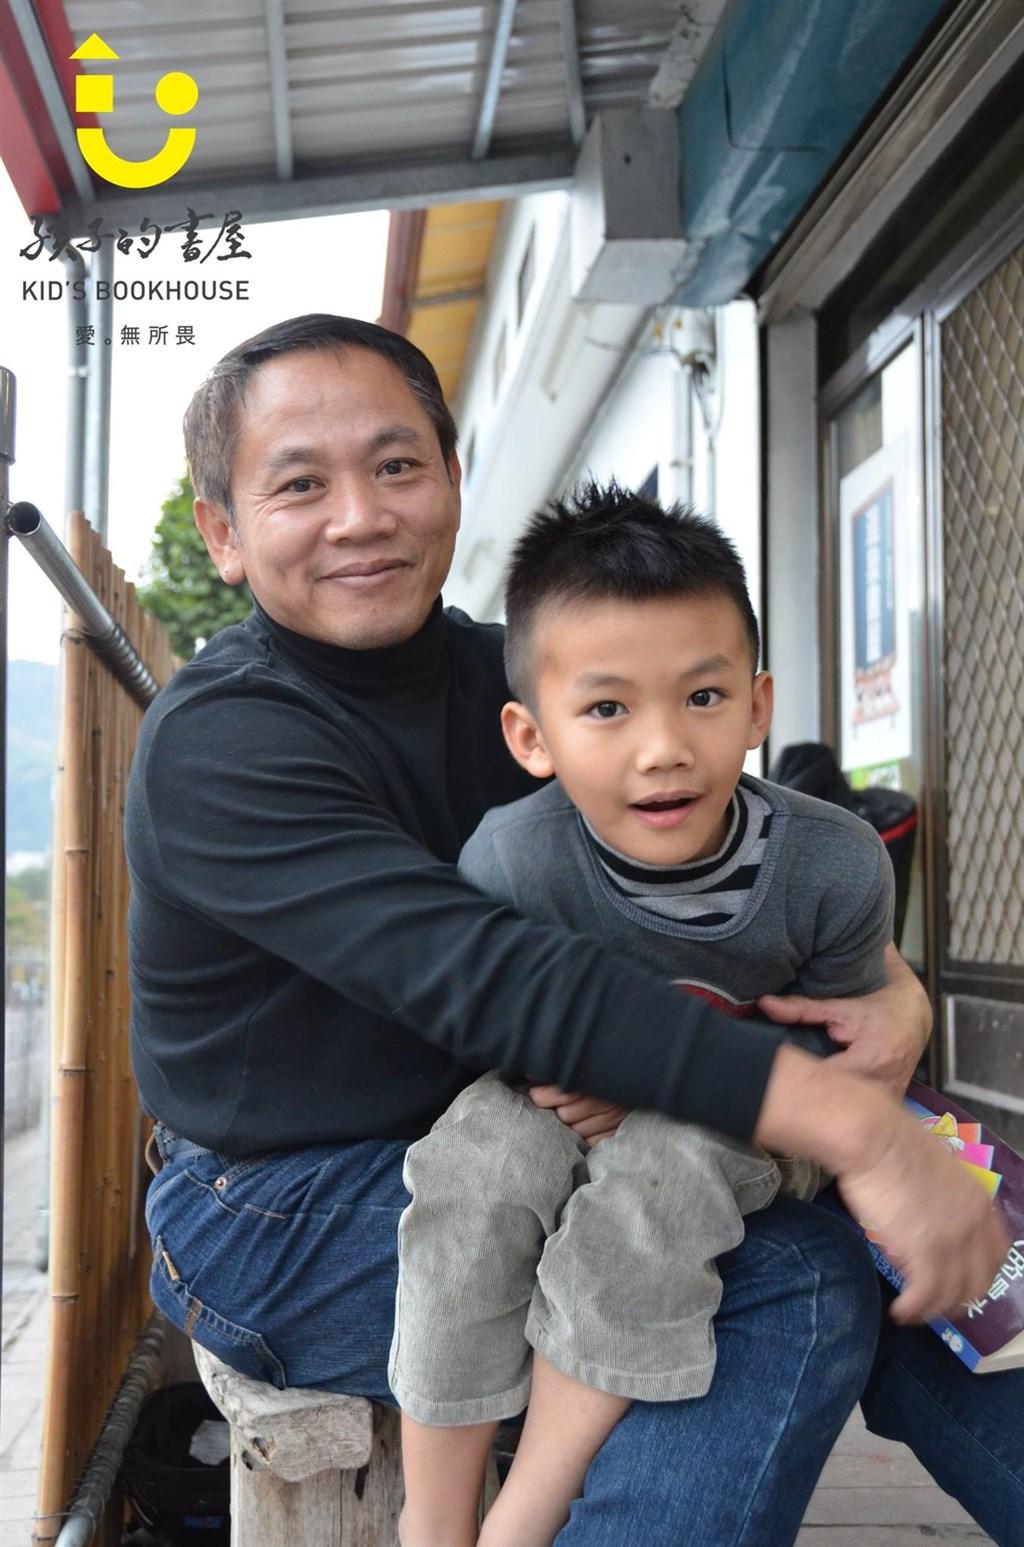 長年在台東投入輔導教育的「孩子的書屋」創辦人陳俊朗(左),4日過世,享年55歲。(圖取自facebook.com/bookhouse.org.tw)